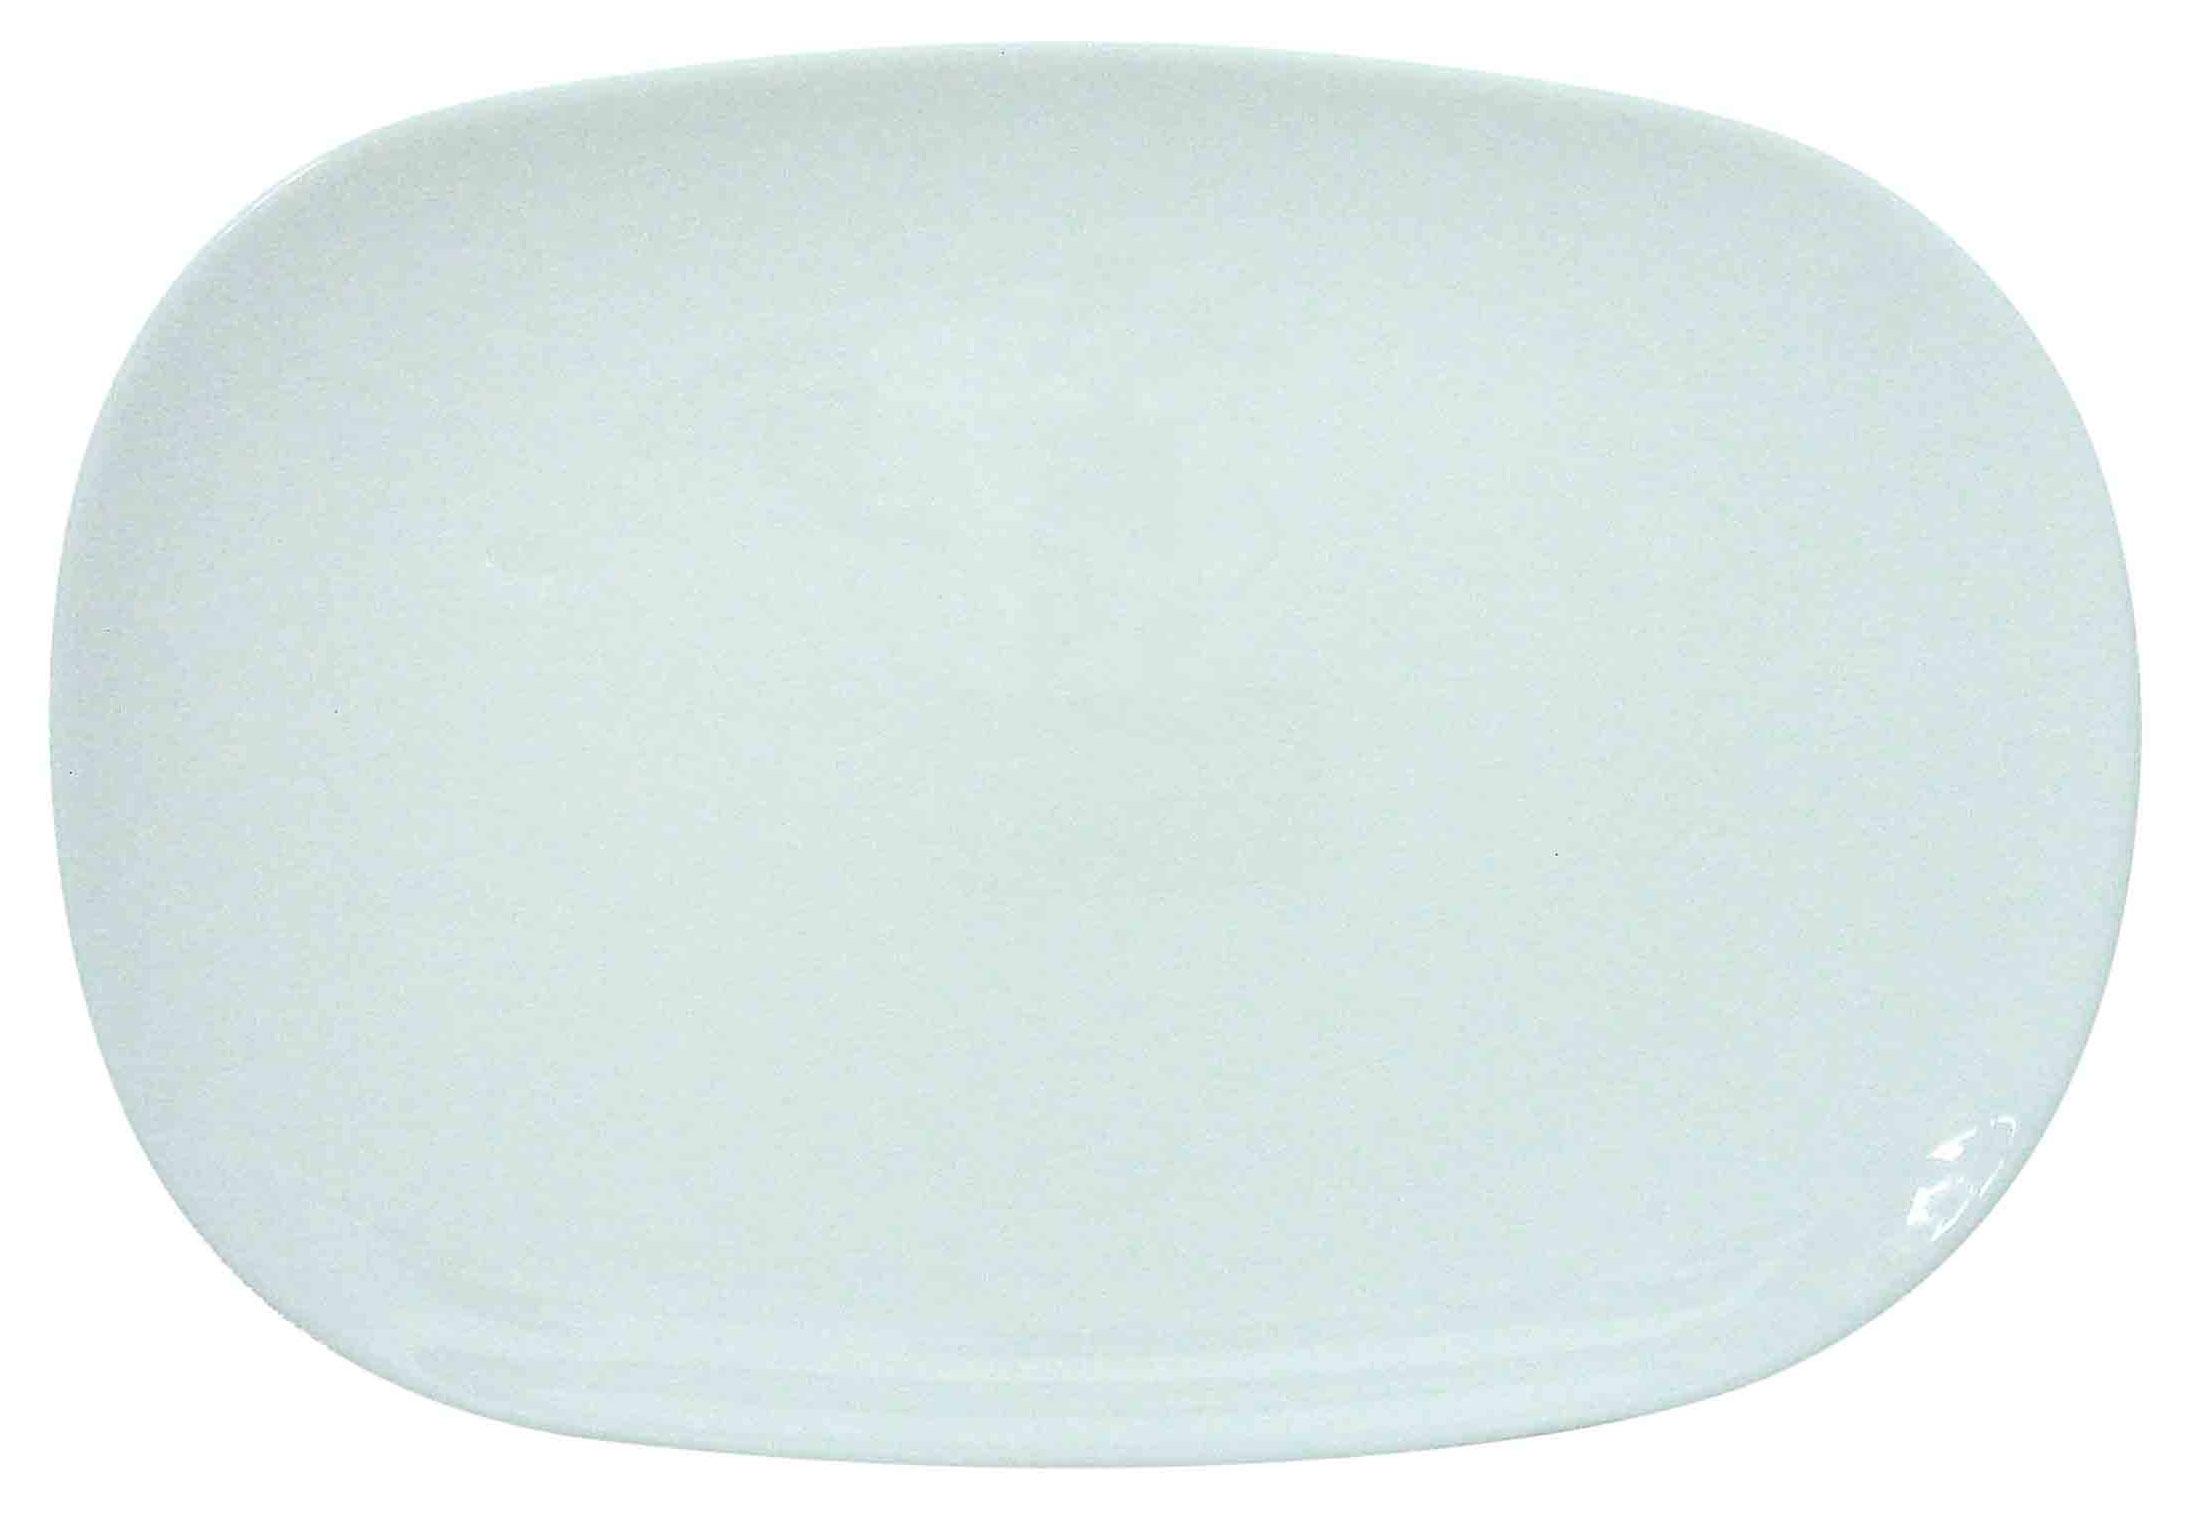 Блюдо Sweet Line 35см. прямоугольное Luminarc - фото 1